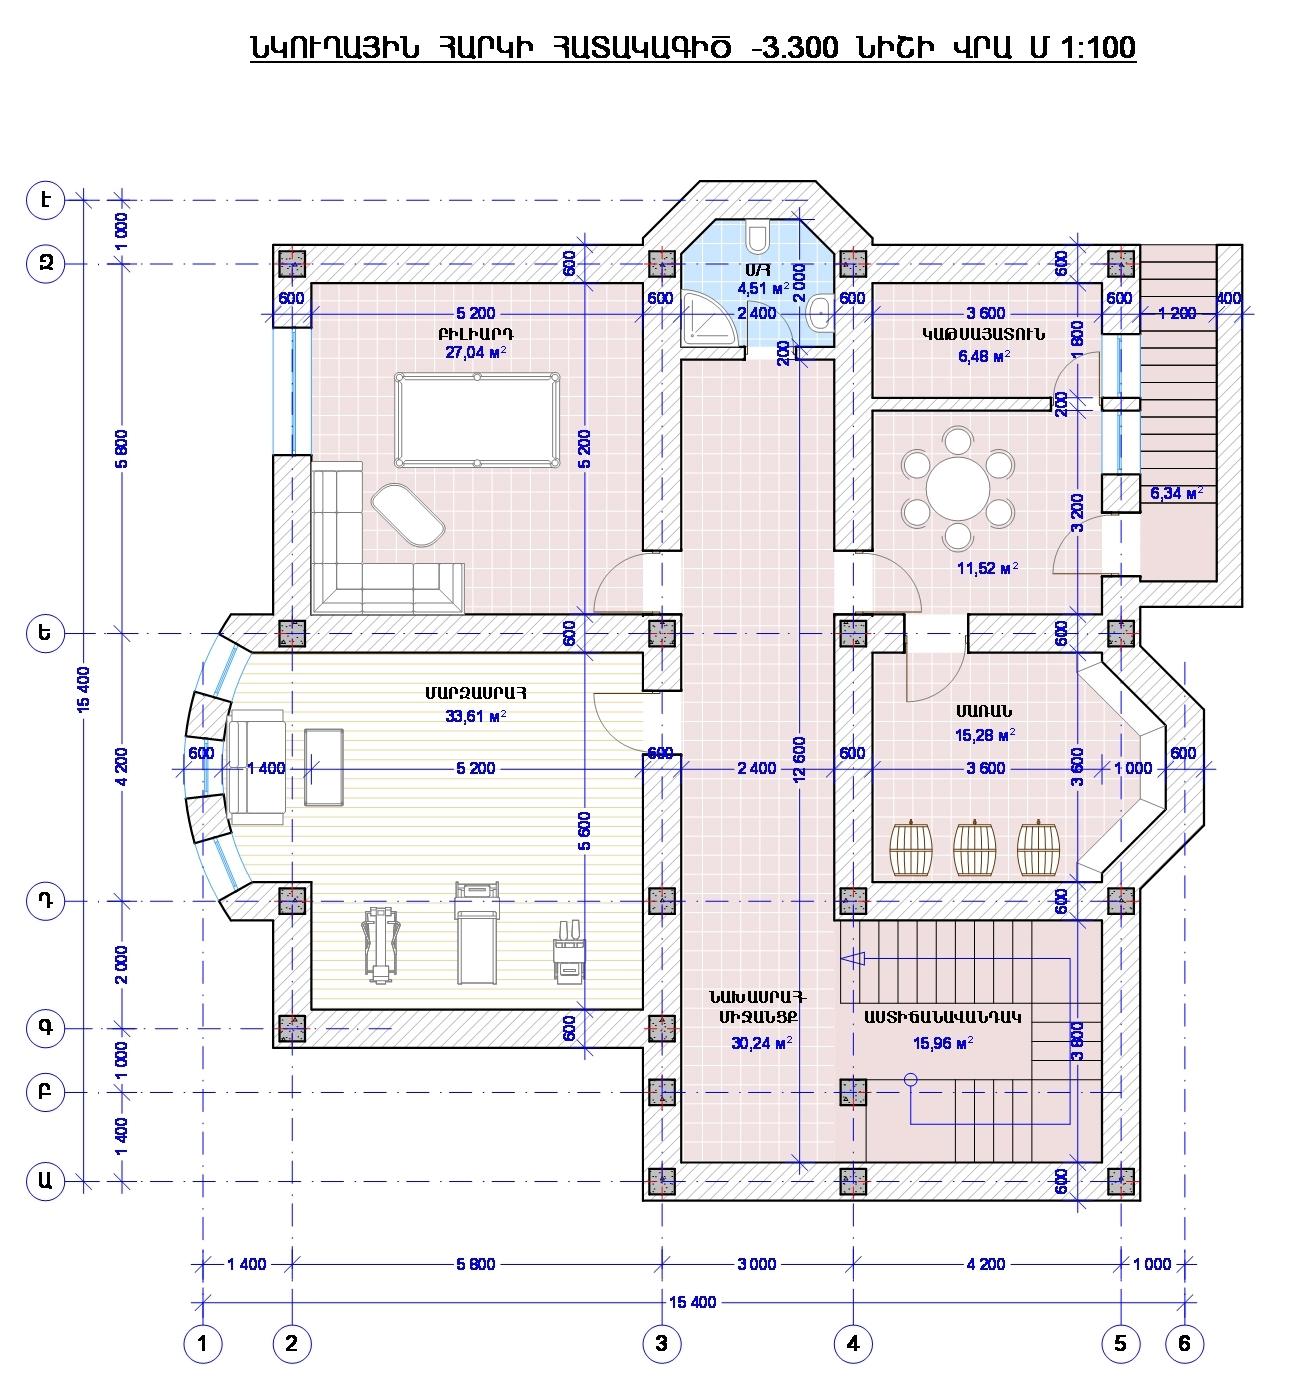 Проект двухэтажного дома с сауной, беседкой, зона барбекю и бассейном - план подвала